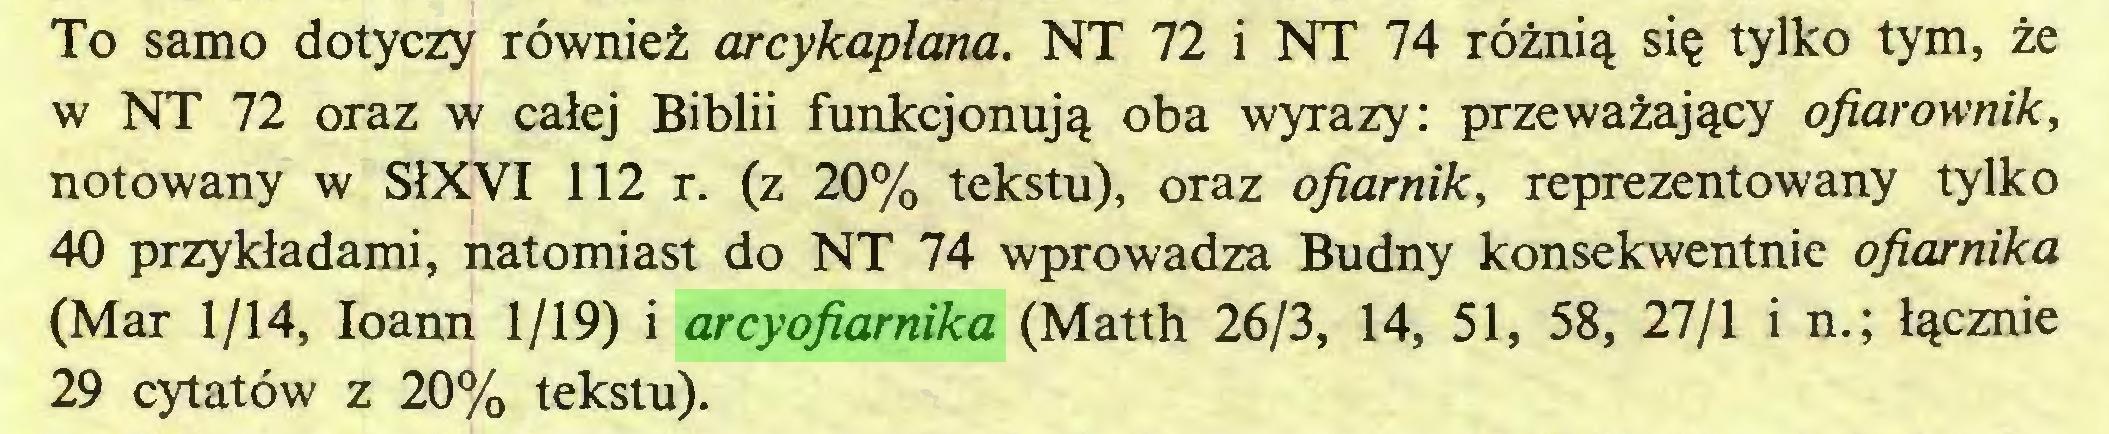 (...) To samo dotyczy röwniei; arcykaplana. NT 72 i NT 74 röznig sie tylko tym, ze w NT 72 oraz w calej Biblii funkcjonujg oba wyrazy: przewazajgcy ofiarownik, notowany w S1XVI 112 r. (z 20% tekstu), oraz ofiamik, reprezentowany tylko 40 przykladami, natomiast do NT 74 wprowadza Budny konsekwentnie ofiarnika (Mar 1/14, Ioann 1/19) i arcyofiarnika (Matth 26/3, 14, 51, 58, 27/1 i n.; Igcznie 29 cytatöw z 20% tekstu)...